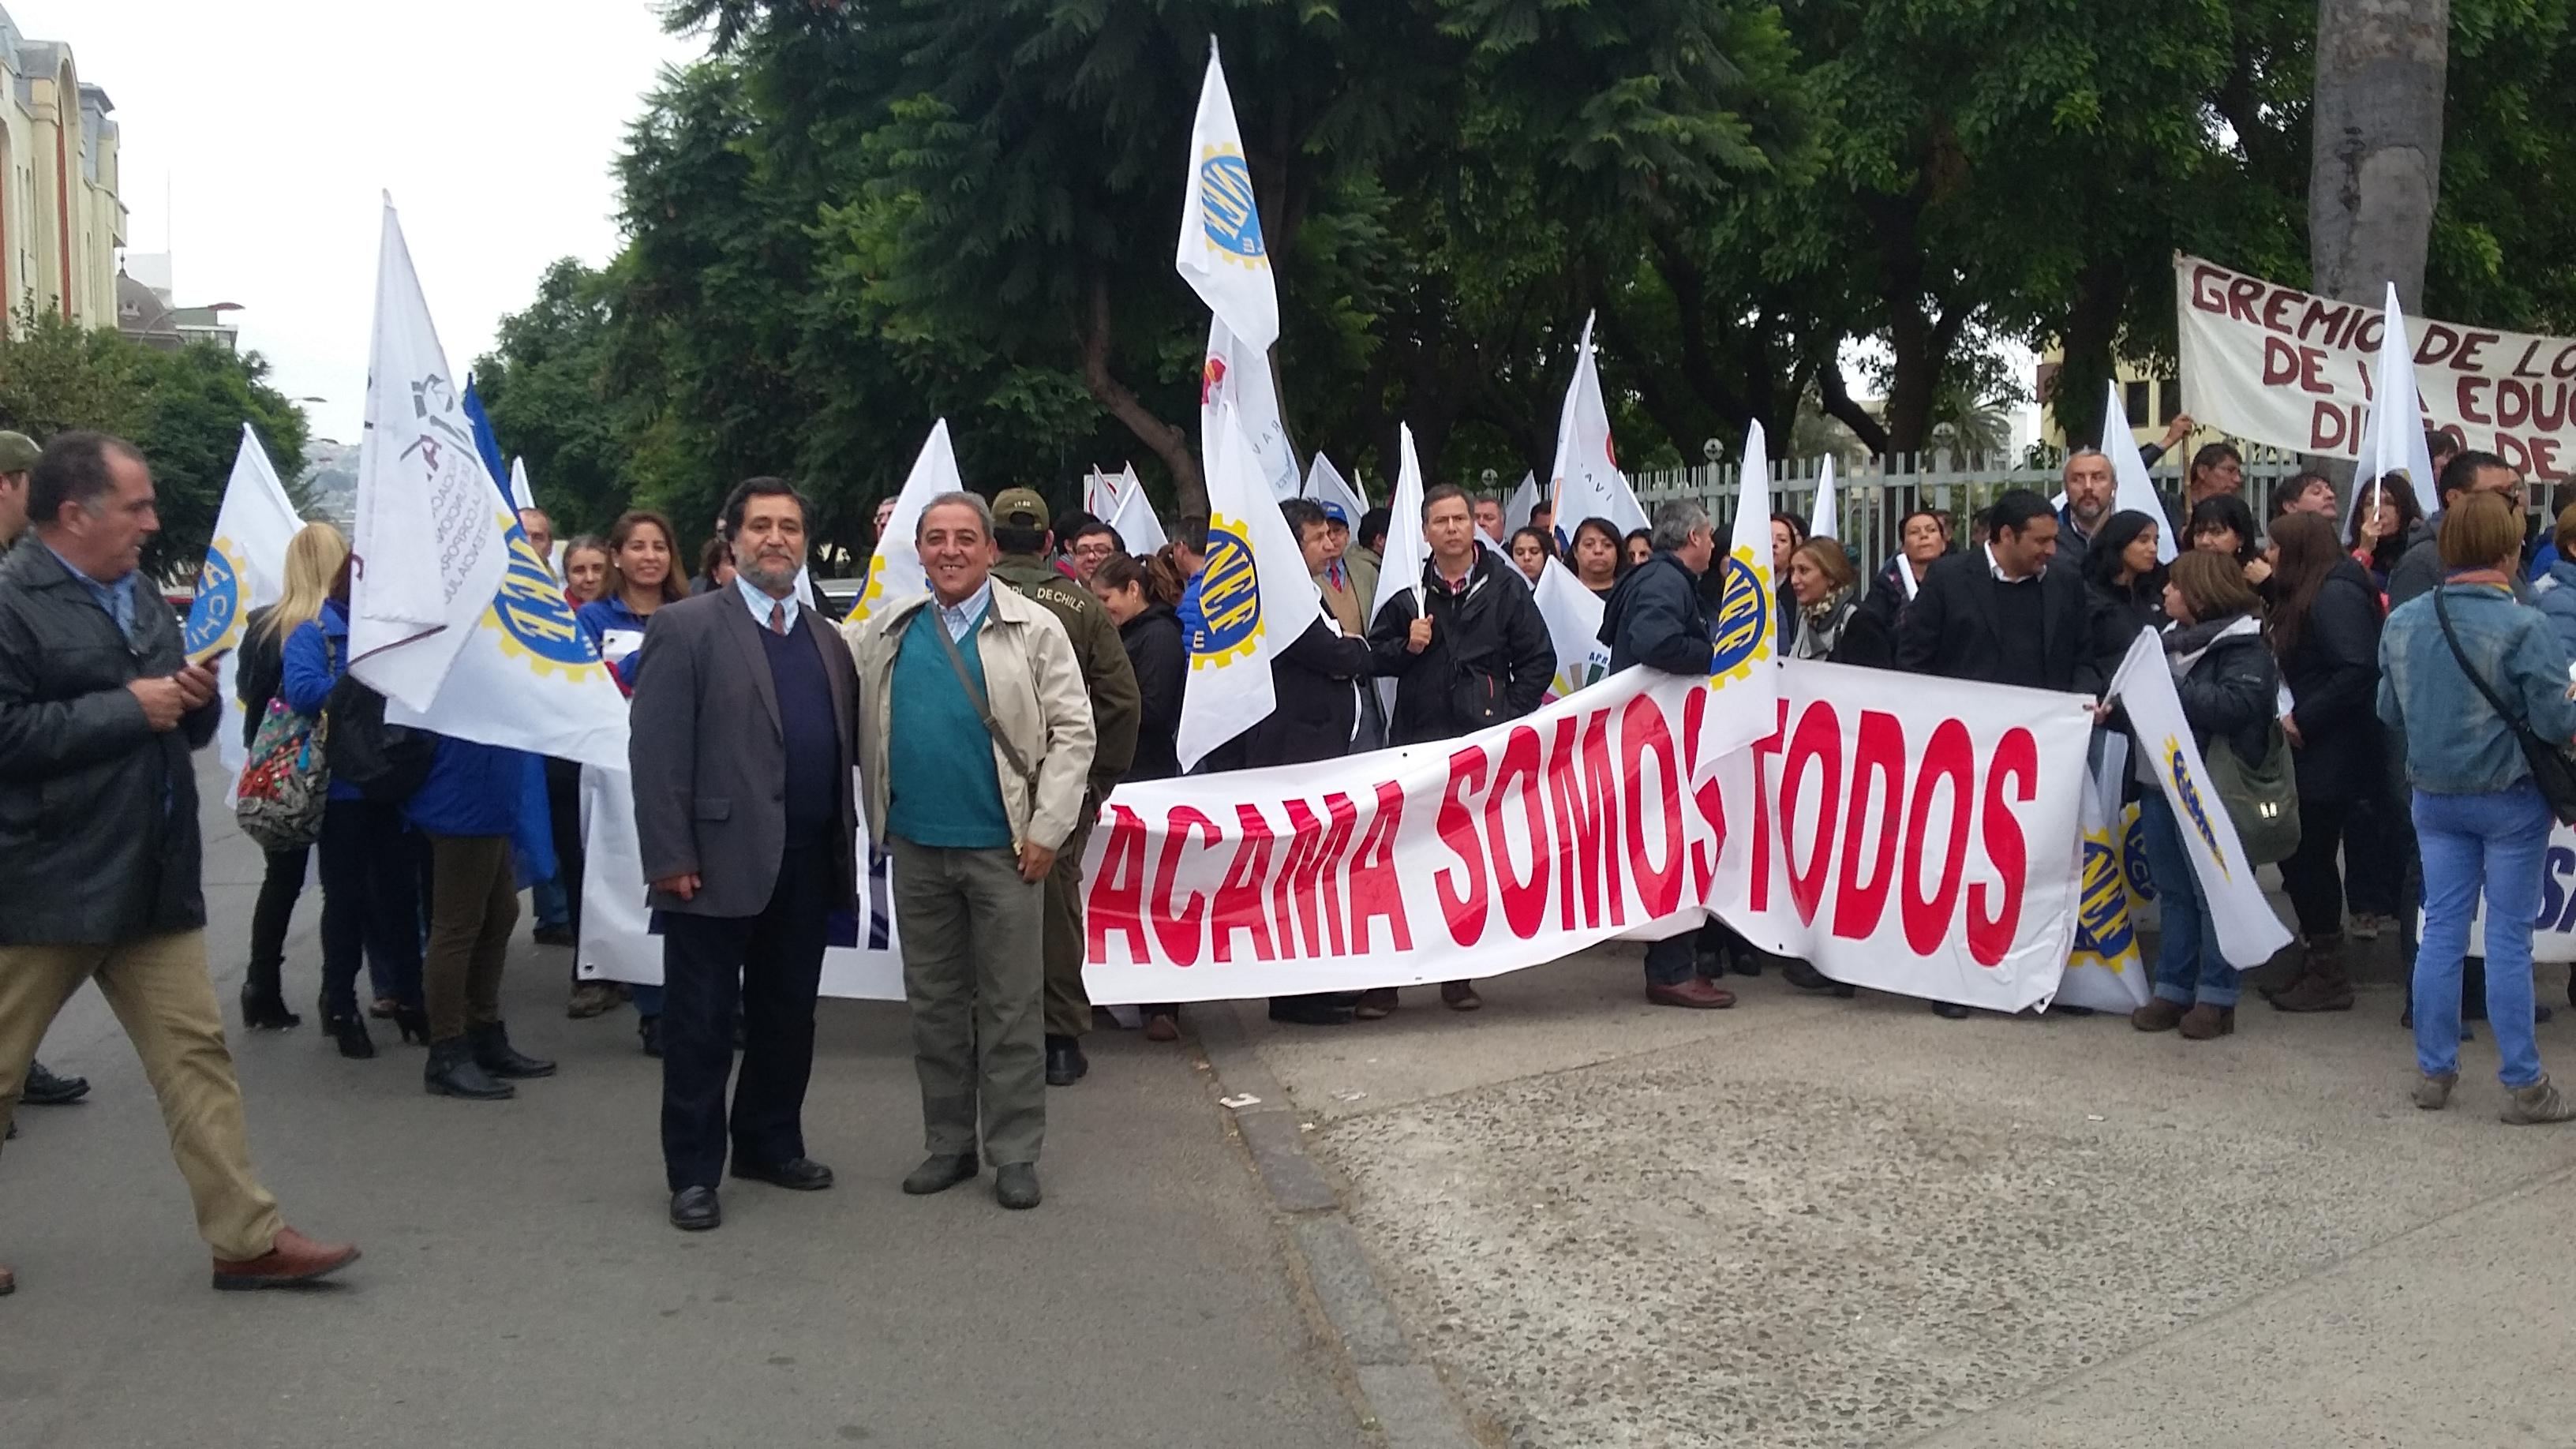 Dirigentes AFSAG Nacional hoy en el Congreso de Valparaíso en apoyo a Atacama - 12 Abril 2016